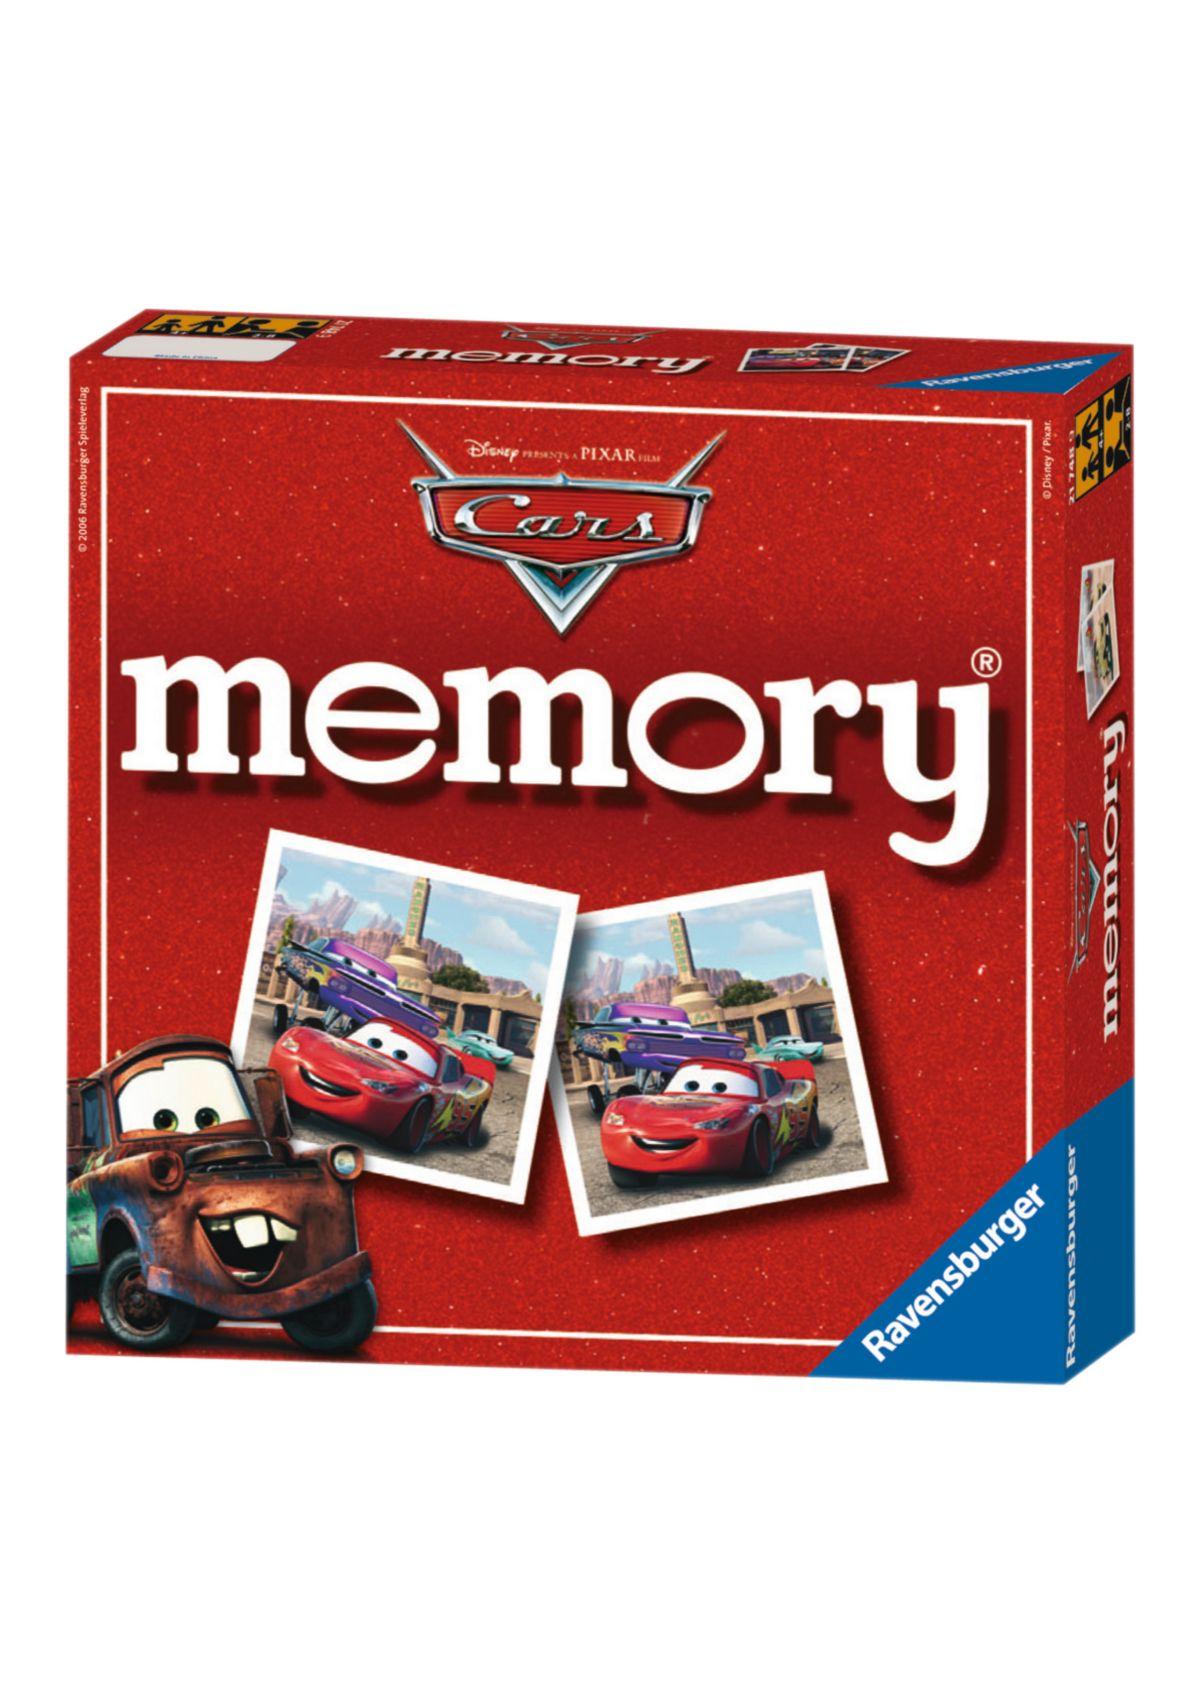 Memory, »Cars memory®«, Ravensburger